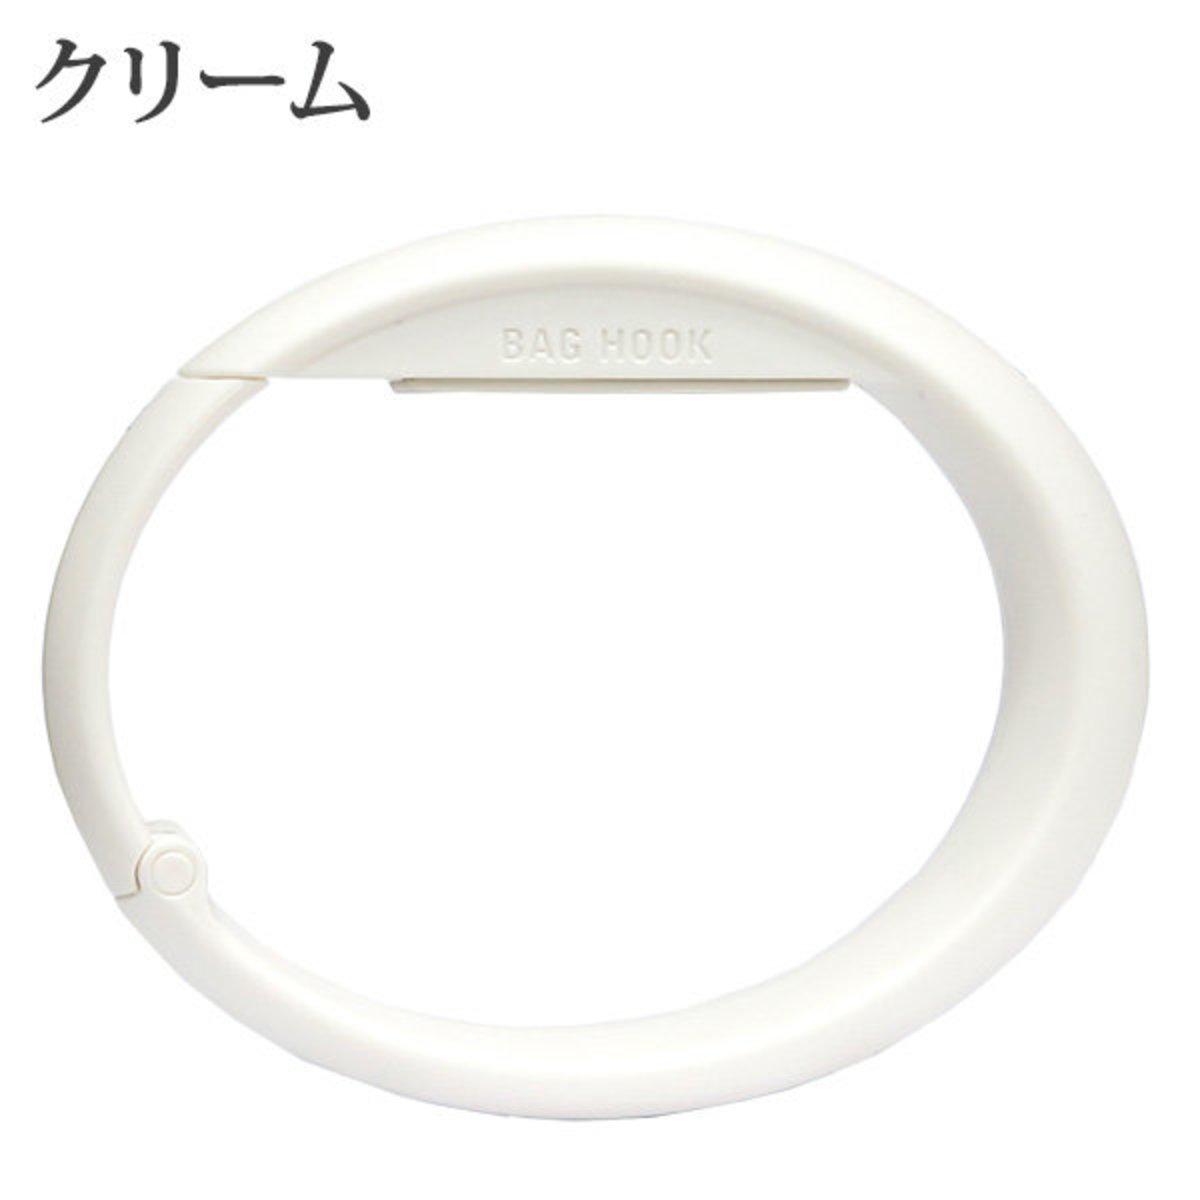 外出型攜帶式掛鉤 - 白色